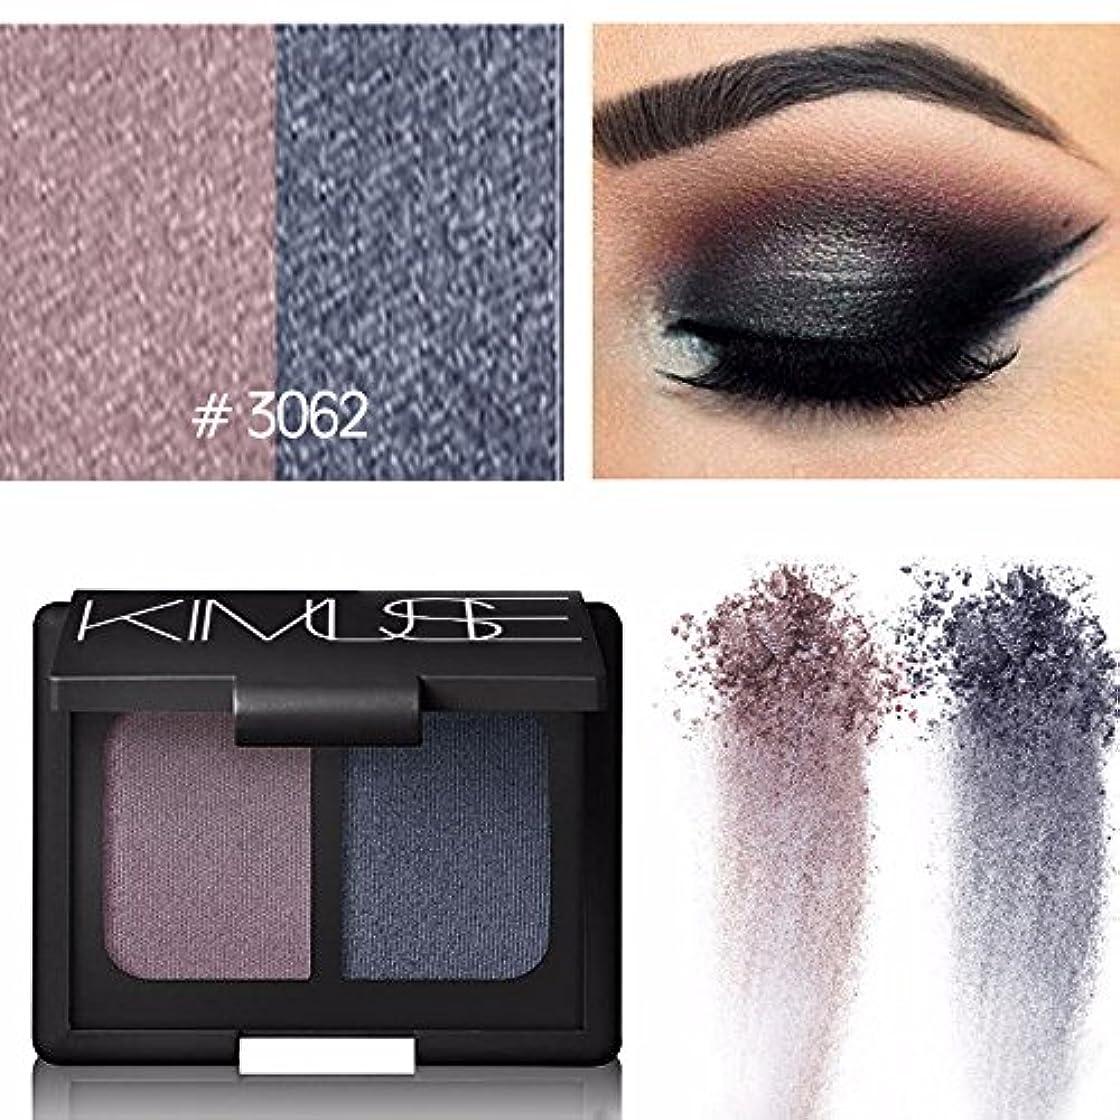 必要ラオス人保持Akane アイシャドウパレット KIMUSE ファッション 魅力的 気質的 人気 綺麗 マット チャーム つや消し 長持ち おしゃれ 持ち便利 Eye Shadow (2色5組み)